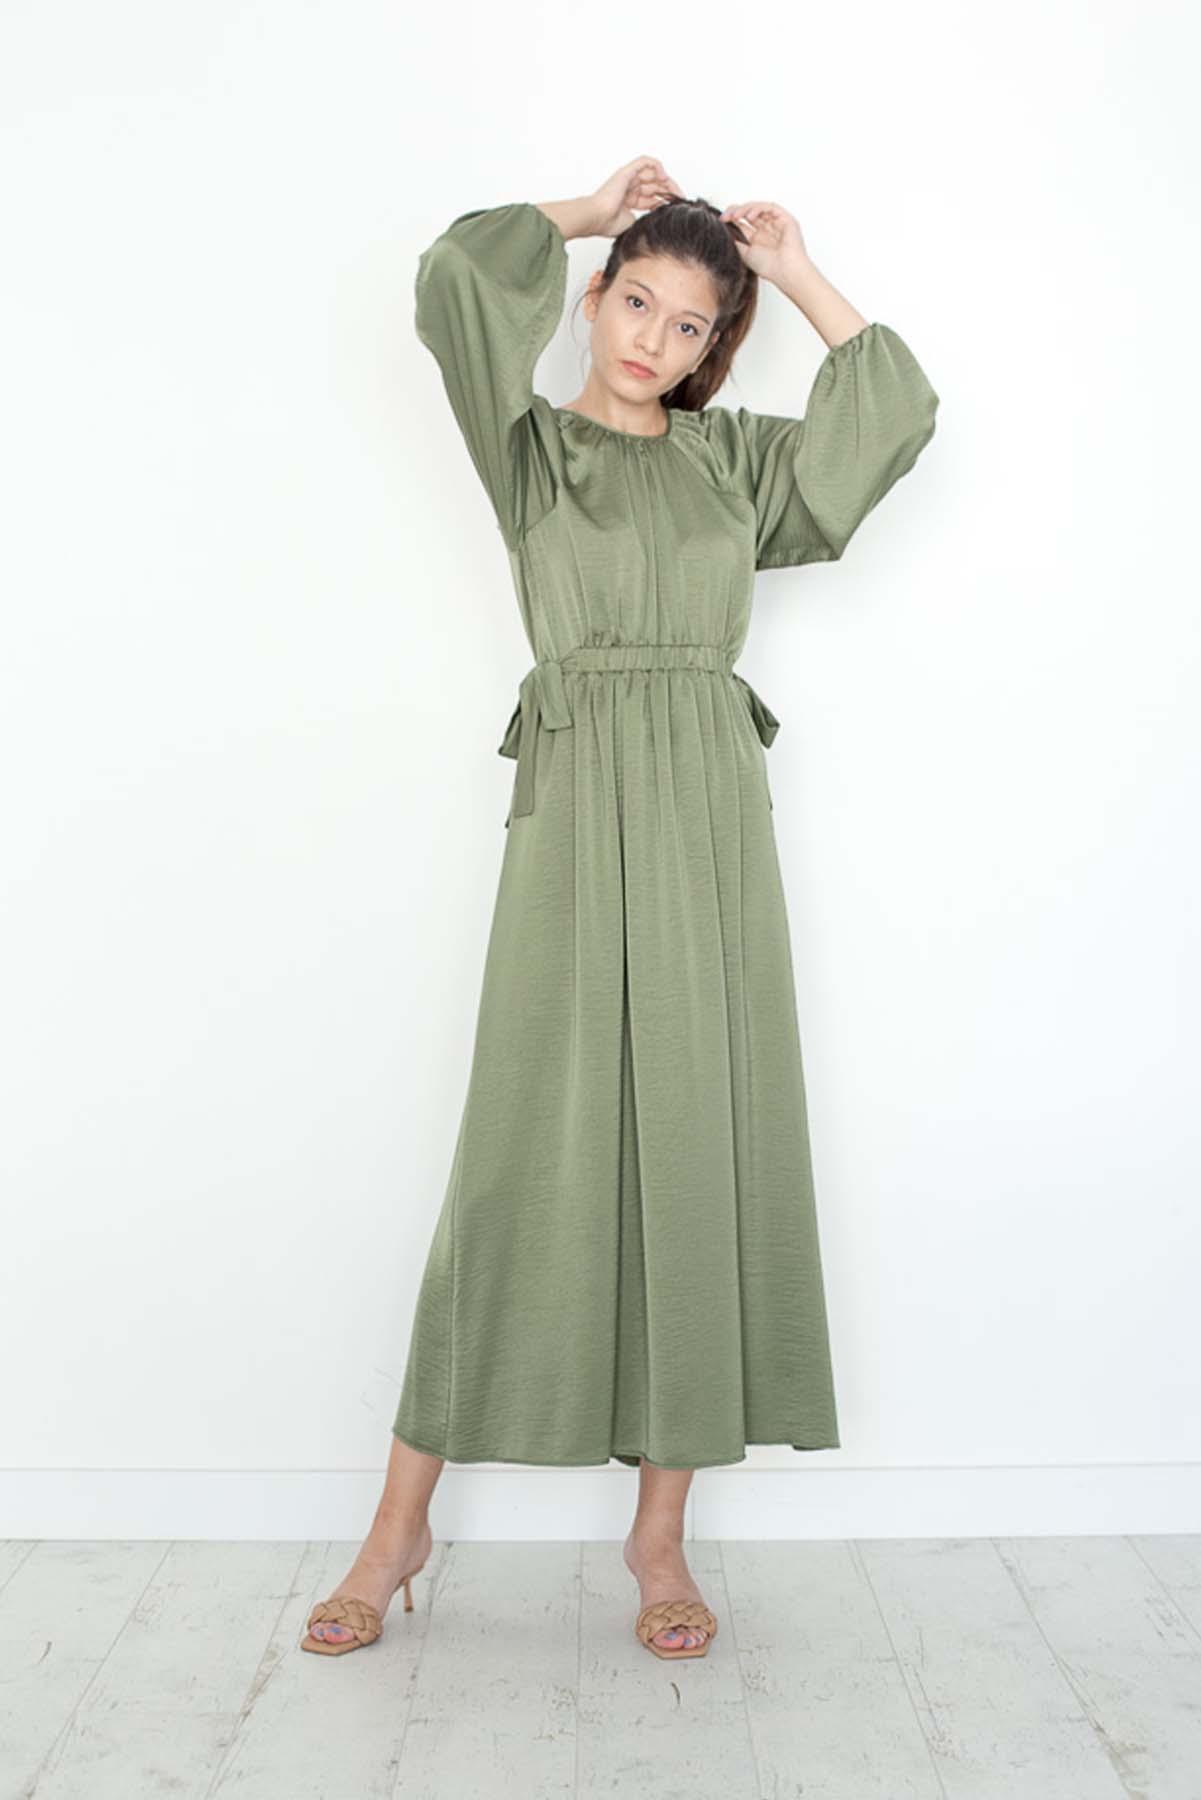 Mevra - Kuşaklı Elbise Haki